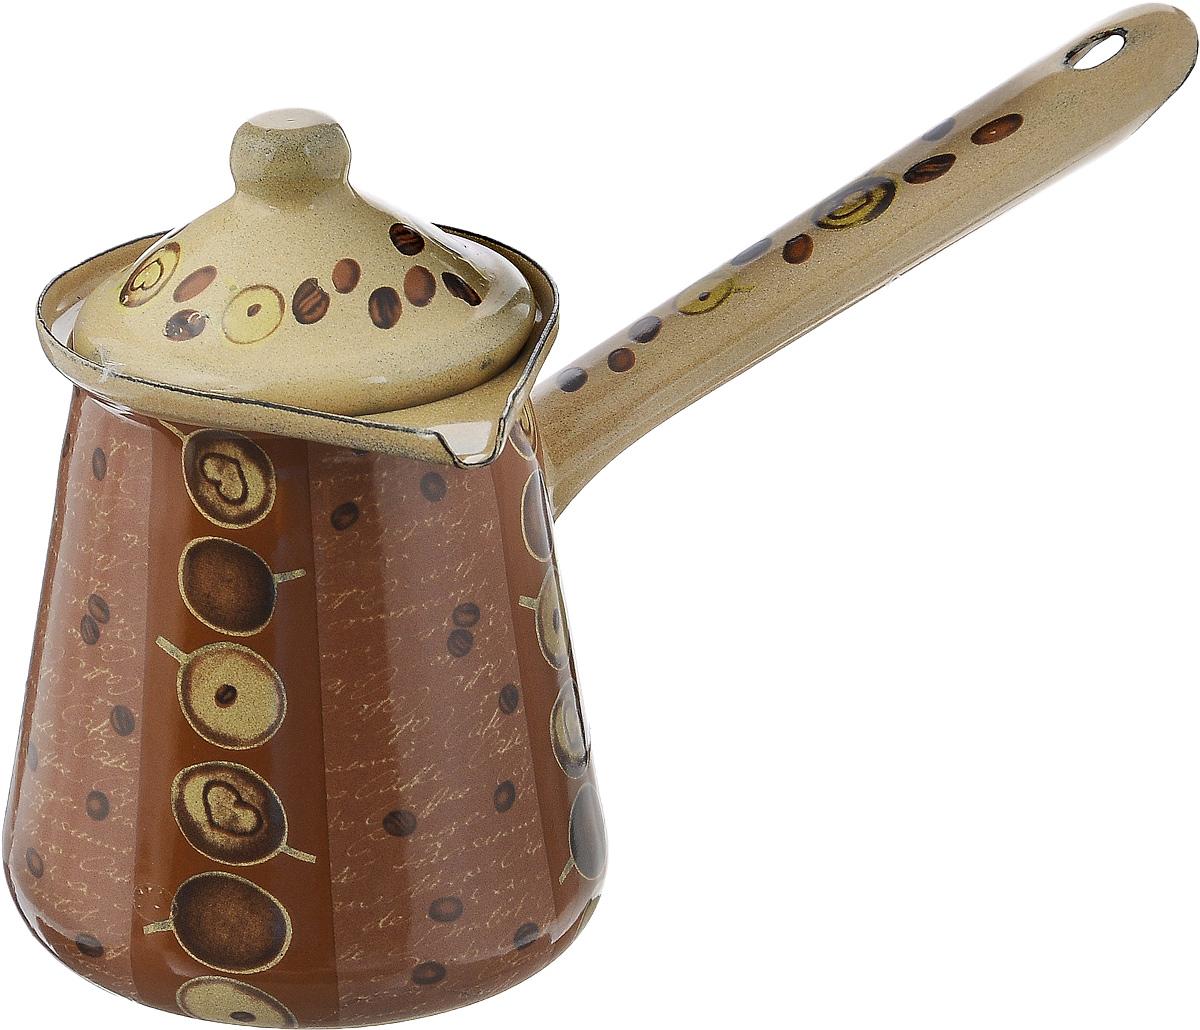 Турка Calve, с крышкой, цвет: бежевый, коричневый, 500 мл54 009312Турка Calve, изготовленная из высококачественной стали, предназначена для приготовления кофе. Внешние стенки турки оформлены изящным рисунком с изображением кофейных зерен. Изделие имеет широкое горлышко, специальный носик и крышку. Рукоятка снабжена специальным отверстием, благодаря которому изделие можно подвесить на крючок. Кофе в турке варится очень просто. Насыпьте молотый кофе, залейте водой и варите на слабом огне, не доводя до кипения. Чем дольше кофе варить, тем крепче он становится. Подходит для всех видов плит, включая индукционные. Диаметр турки (по верхнему краю): 8 см. Длина ручки: 13 см.Высота стенки: 10 см.